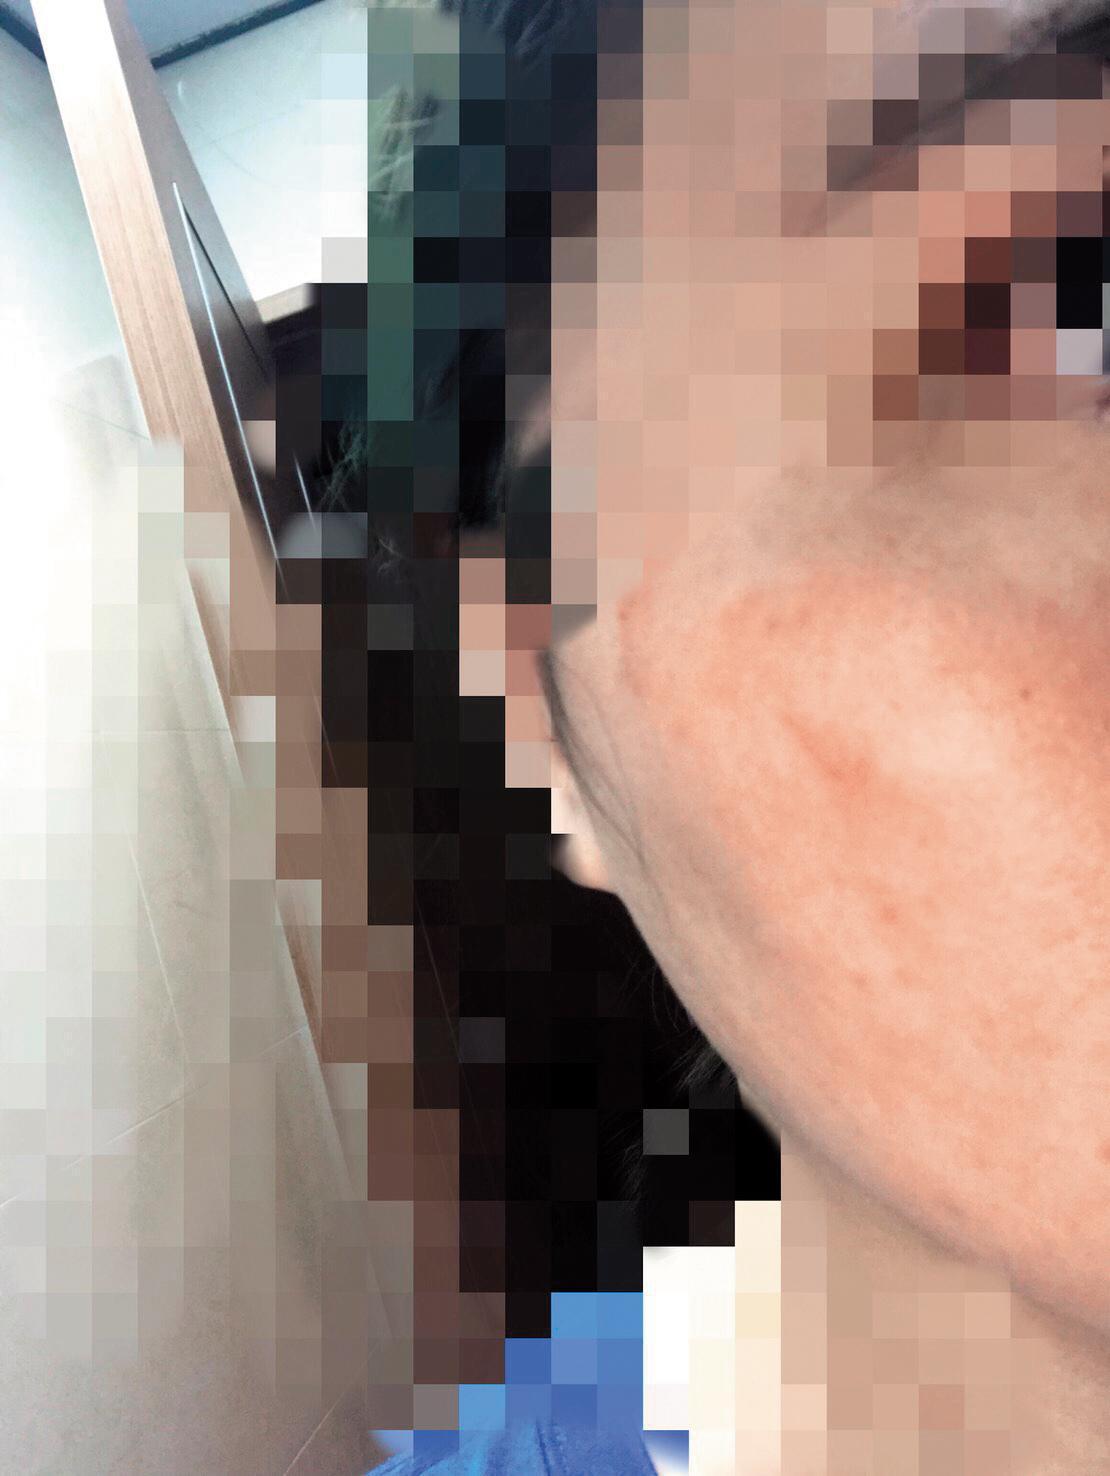 黃勝雄怒打黃妻好幾個耳光,事發後2小時,黃妻的臉部依舊紅腫可見。